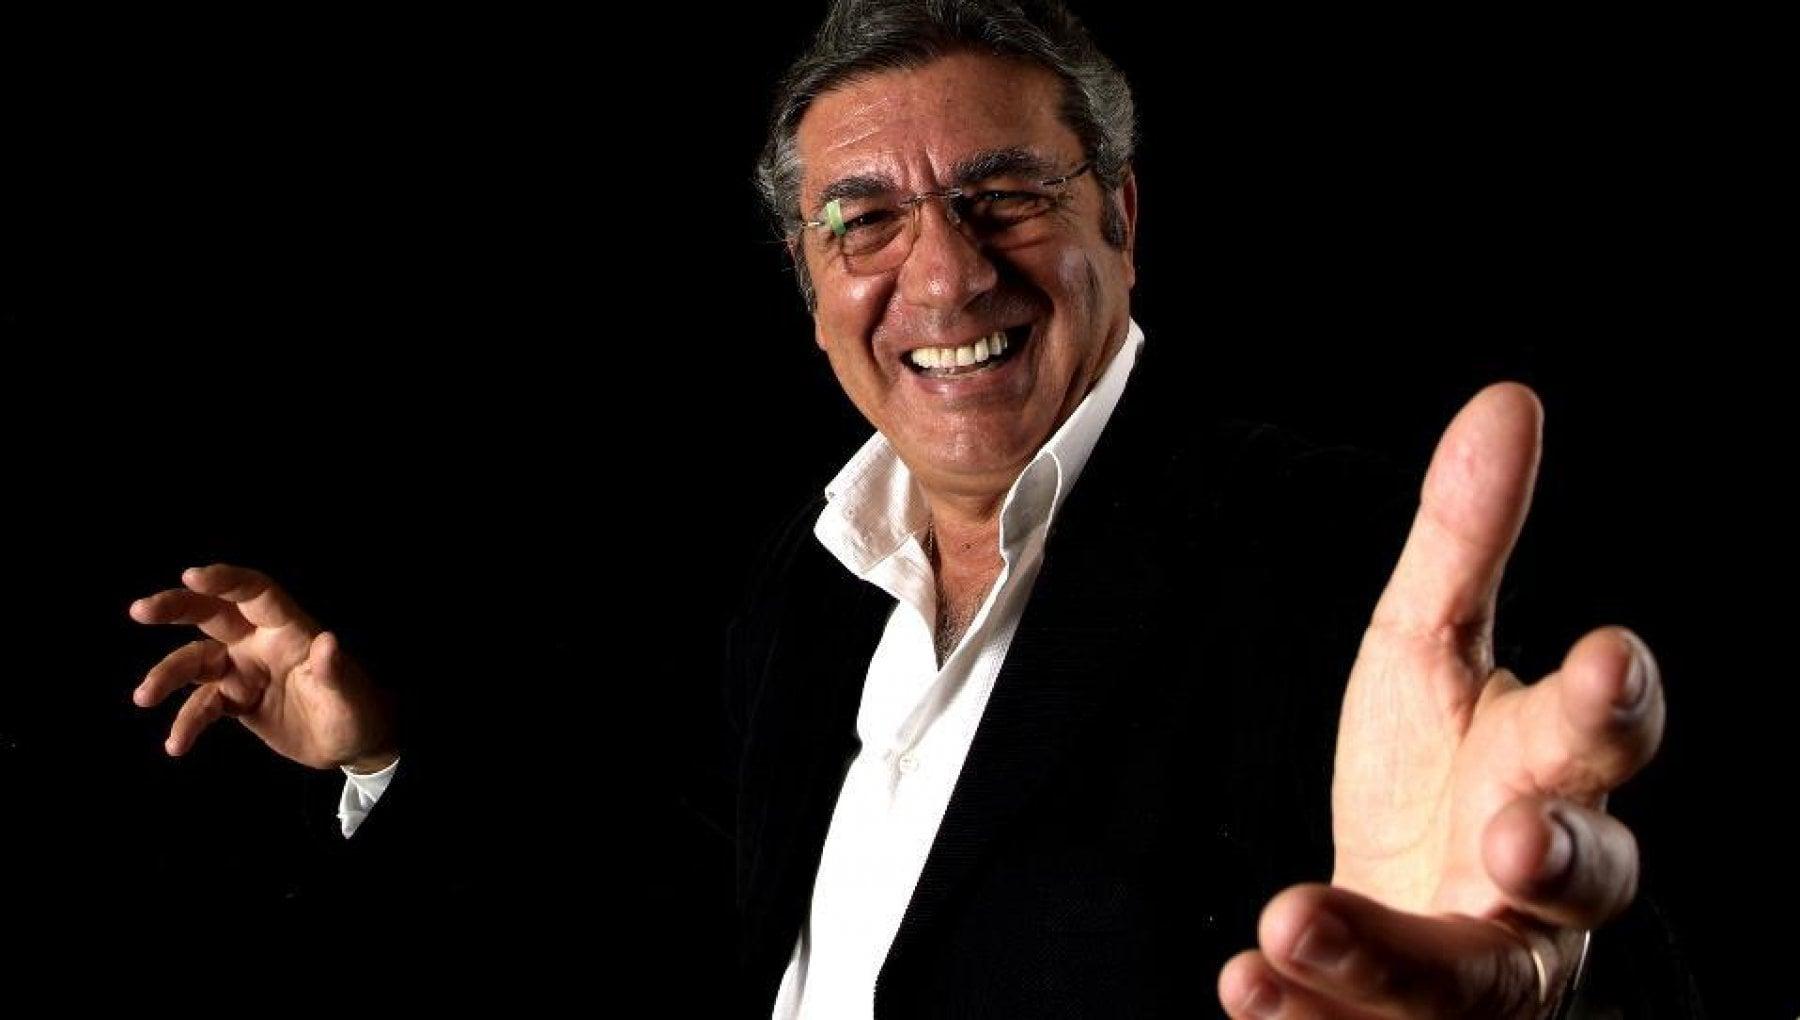 Franco Micalizzi ecco a voi Mister Trinita lautore delle musiche del film culto Dicevano che erano trash poi le ha usate Tarantino